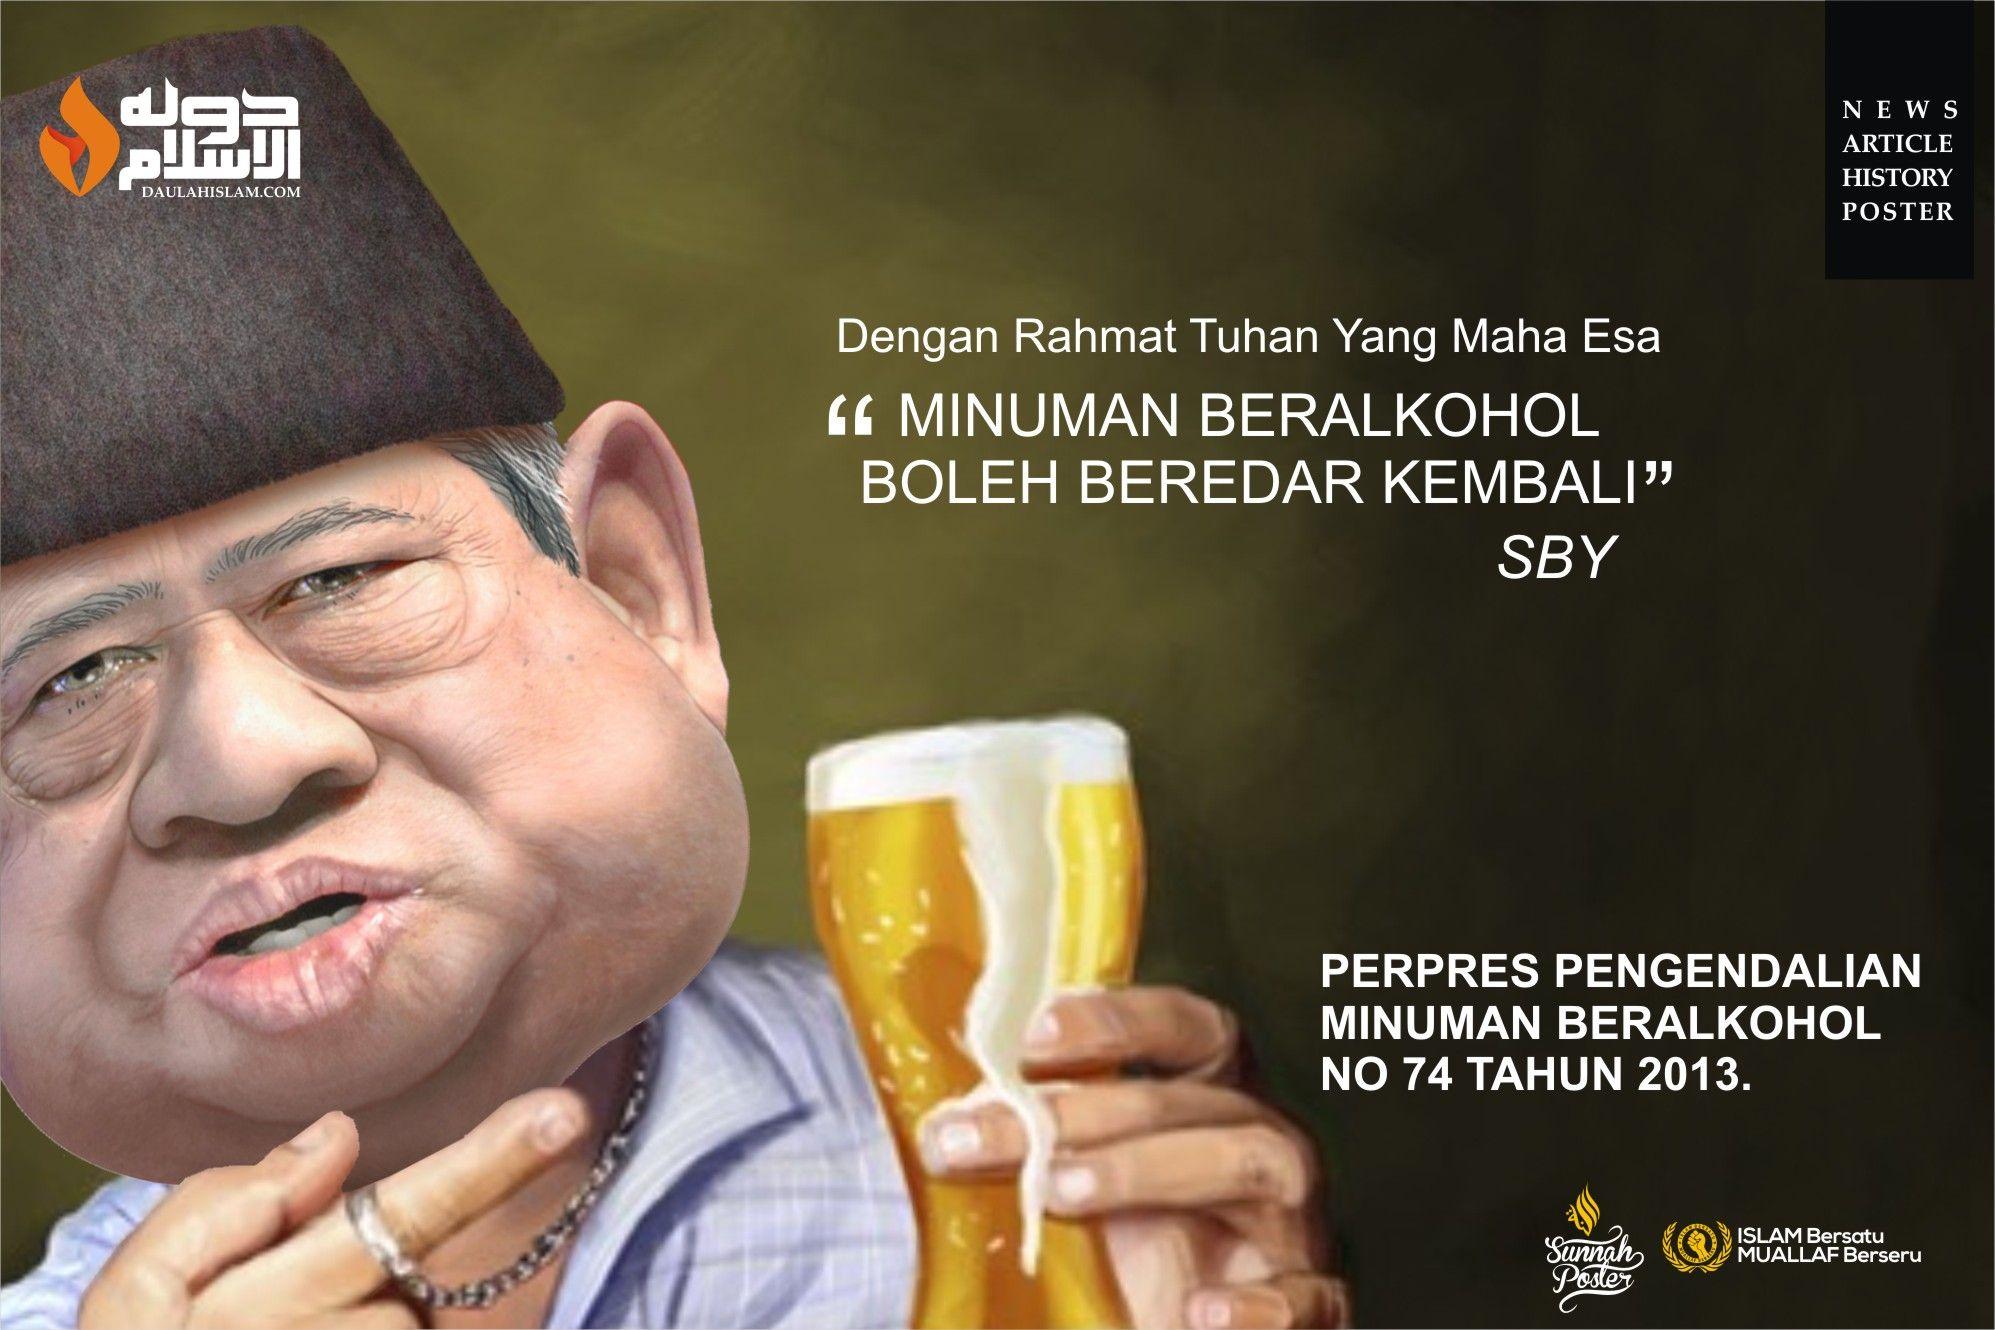 Iklan Minuman Keras Lucu Berikut Ini Kumpulan Iklan Minuman